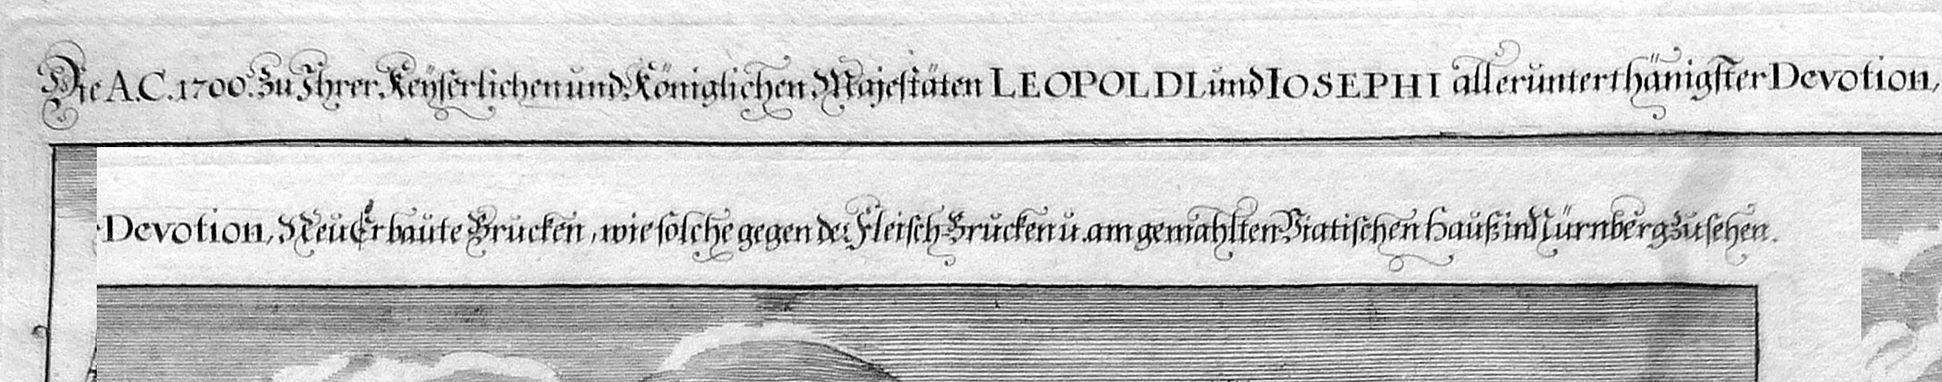 """""""Die A.C.1700.zu Ihrer Kaiserlichen und königlichen Majestäten …"""" Neue Brücke mit Viatishaus Bildüberschrift (Zusammengesetzt)"""